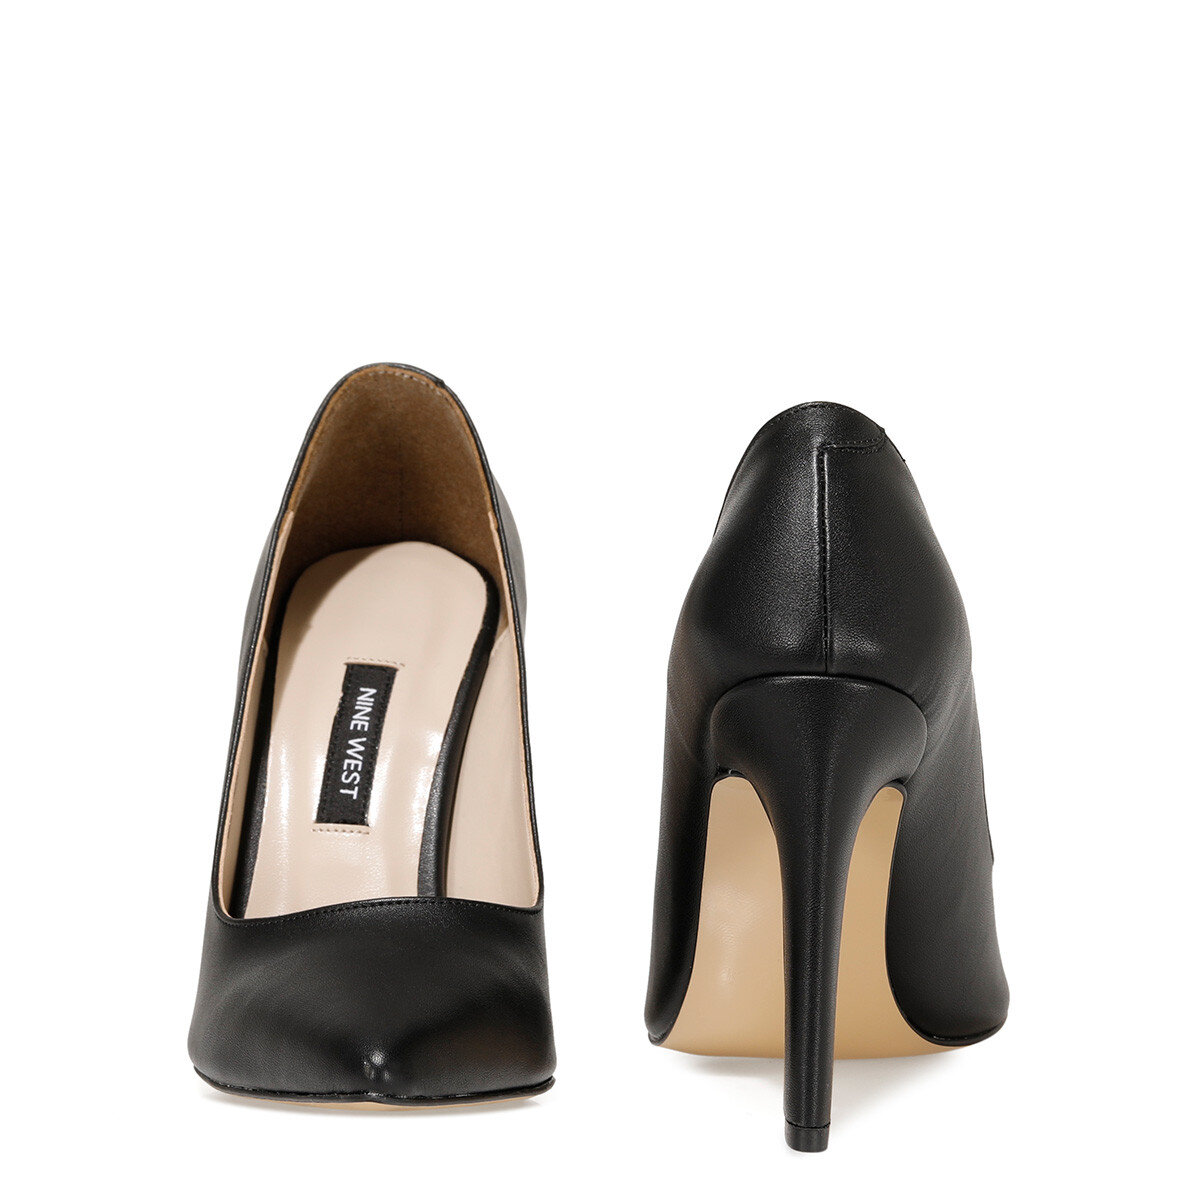 FLAMUR2 Siyah Kadın Topuklu Ayakkabı